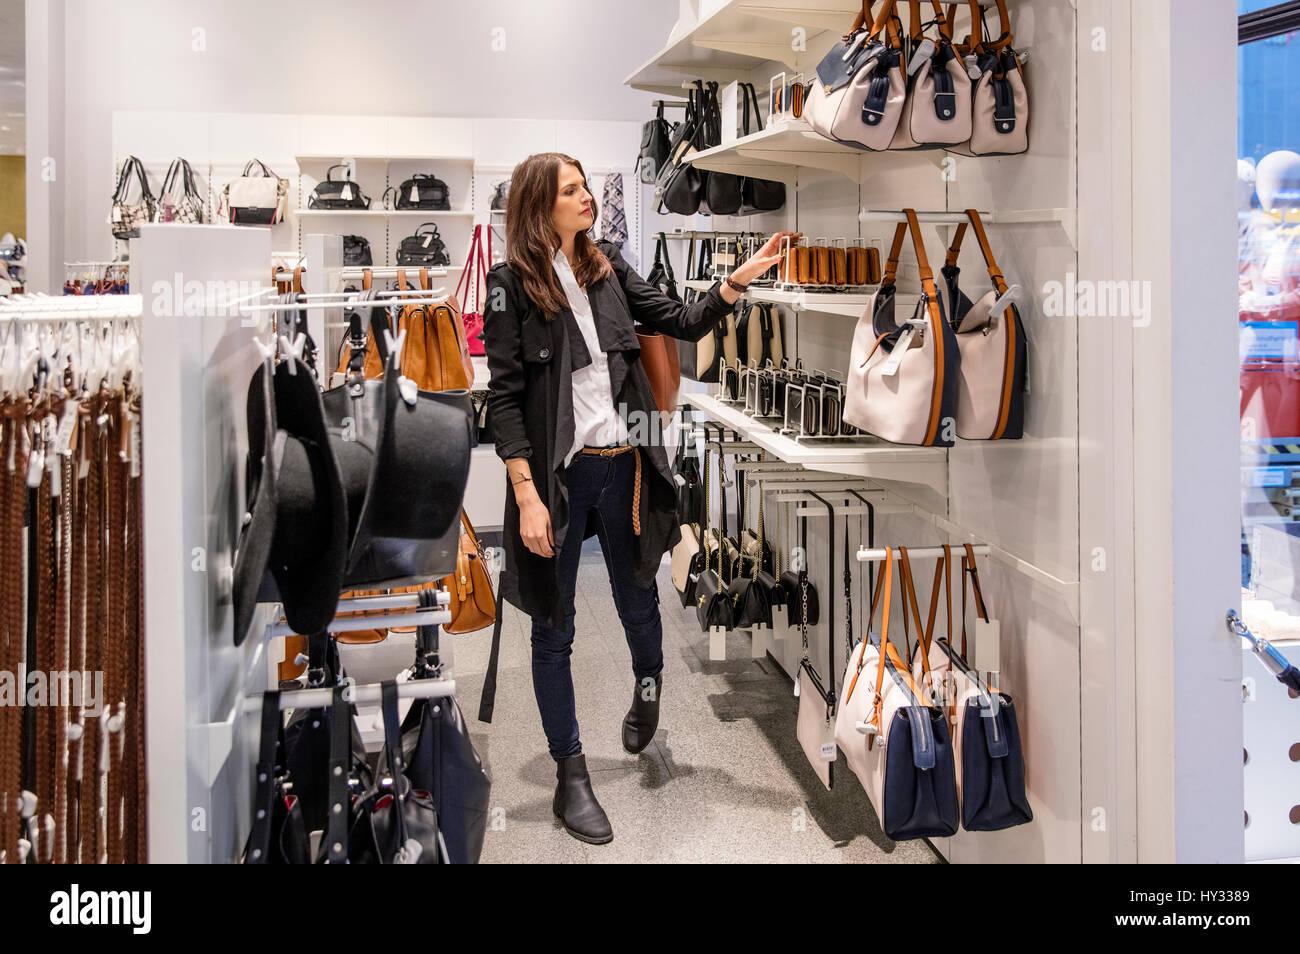 La Suède, la femme porte-monnaie en choisissant shop Photo Stock